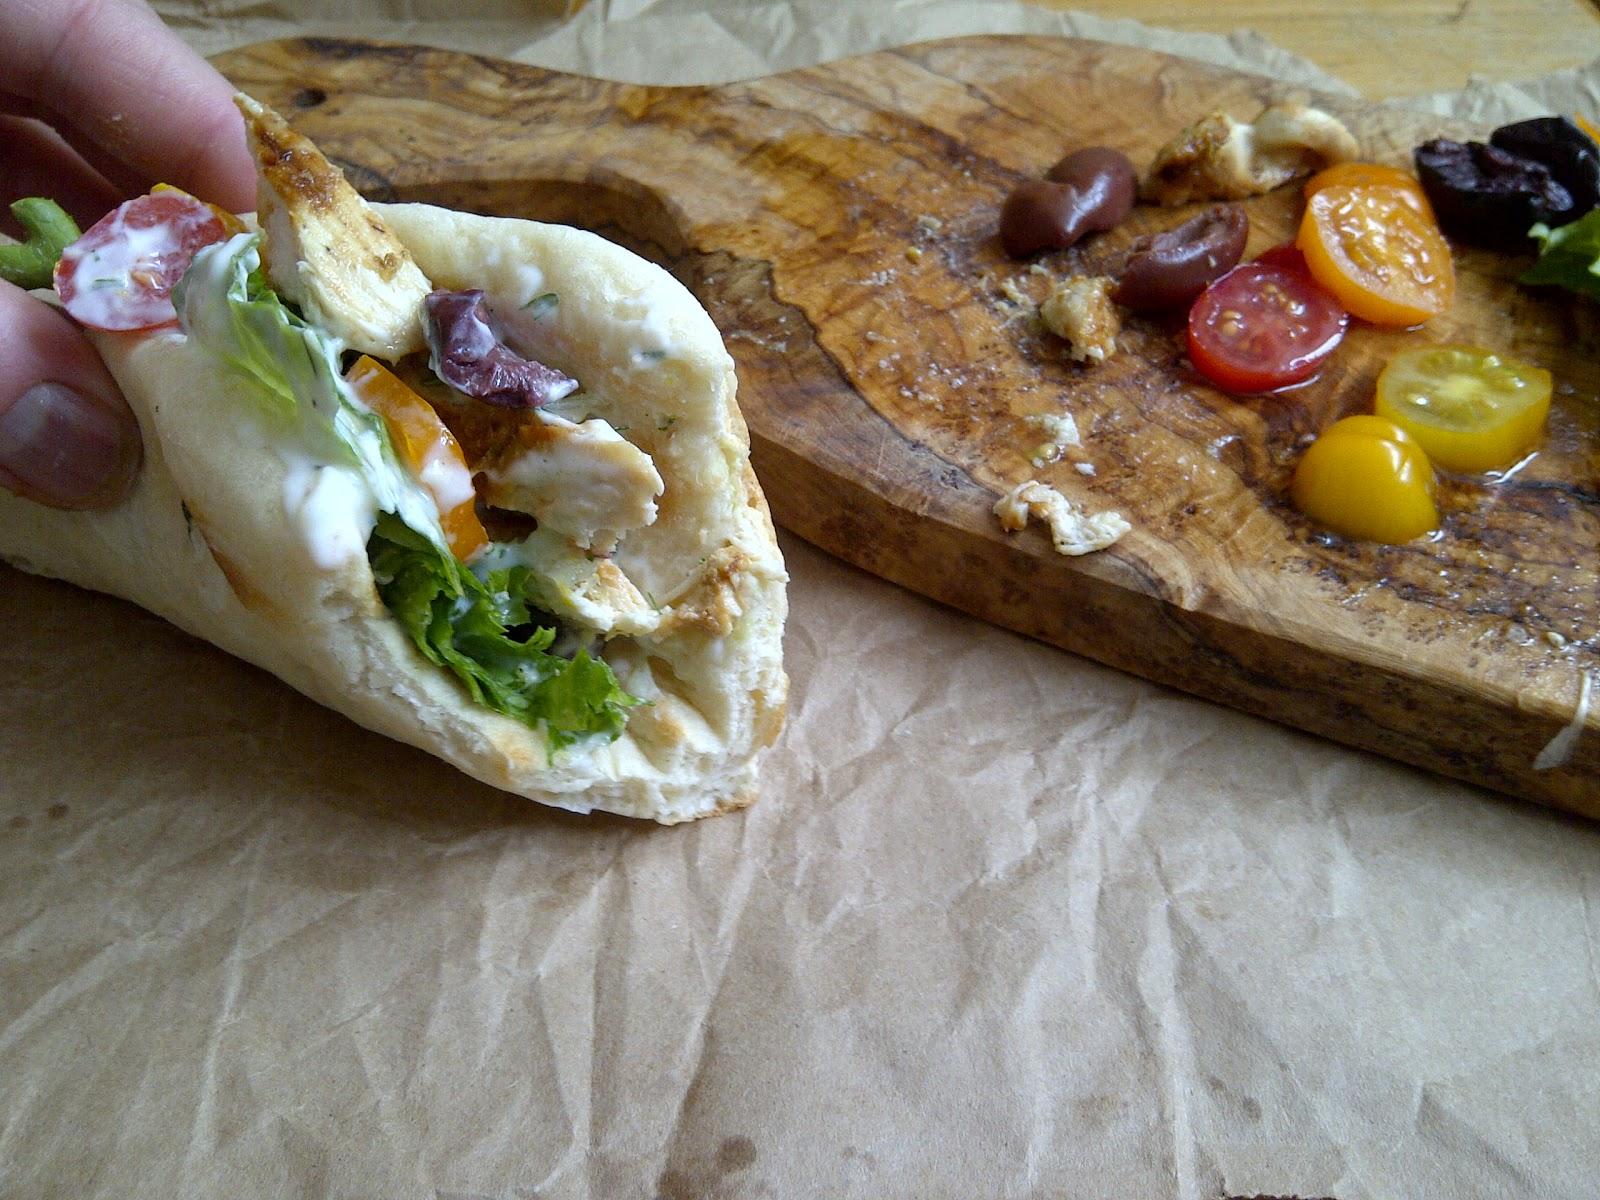 Greek Pita Wrap The Ultimate Greek Pita Wrap